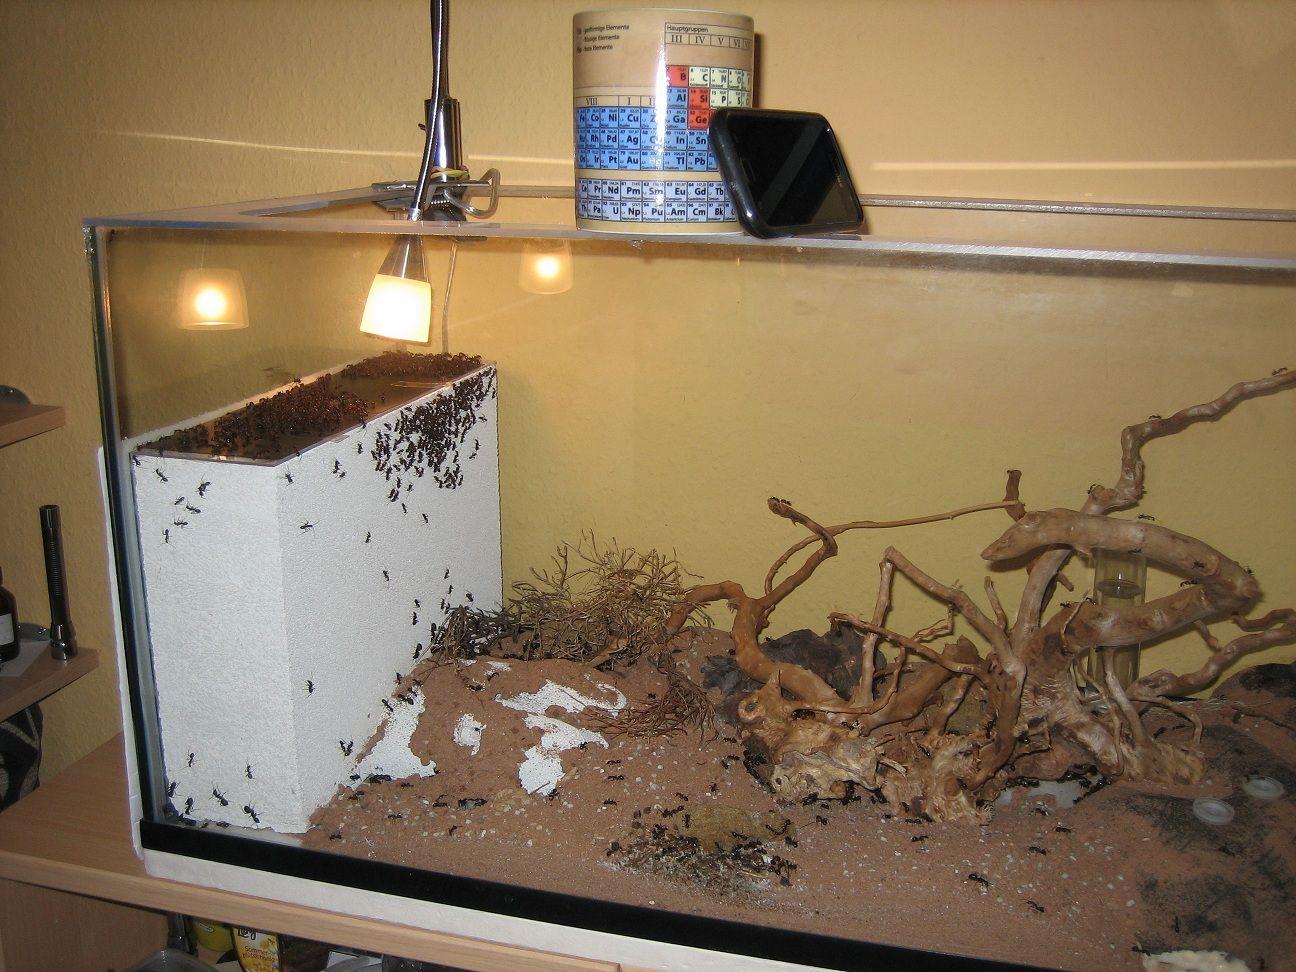 Camponotus Fellah Haltungserfahrungen Camponotus Exotisch 6 Ameisenfarm Ameisen Exotische